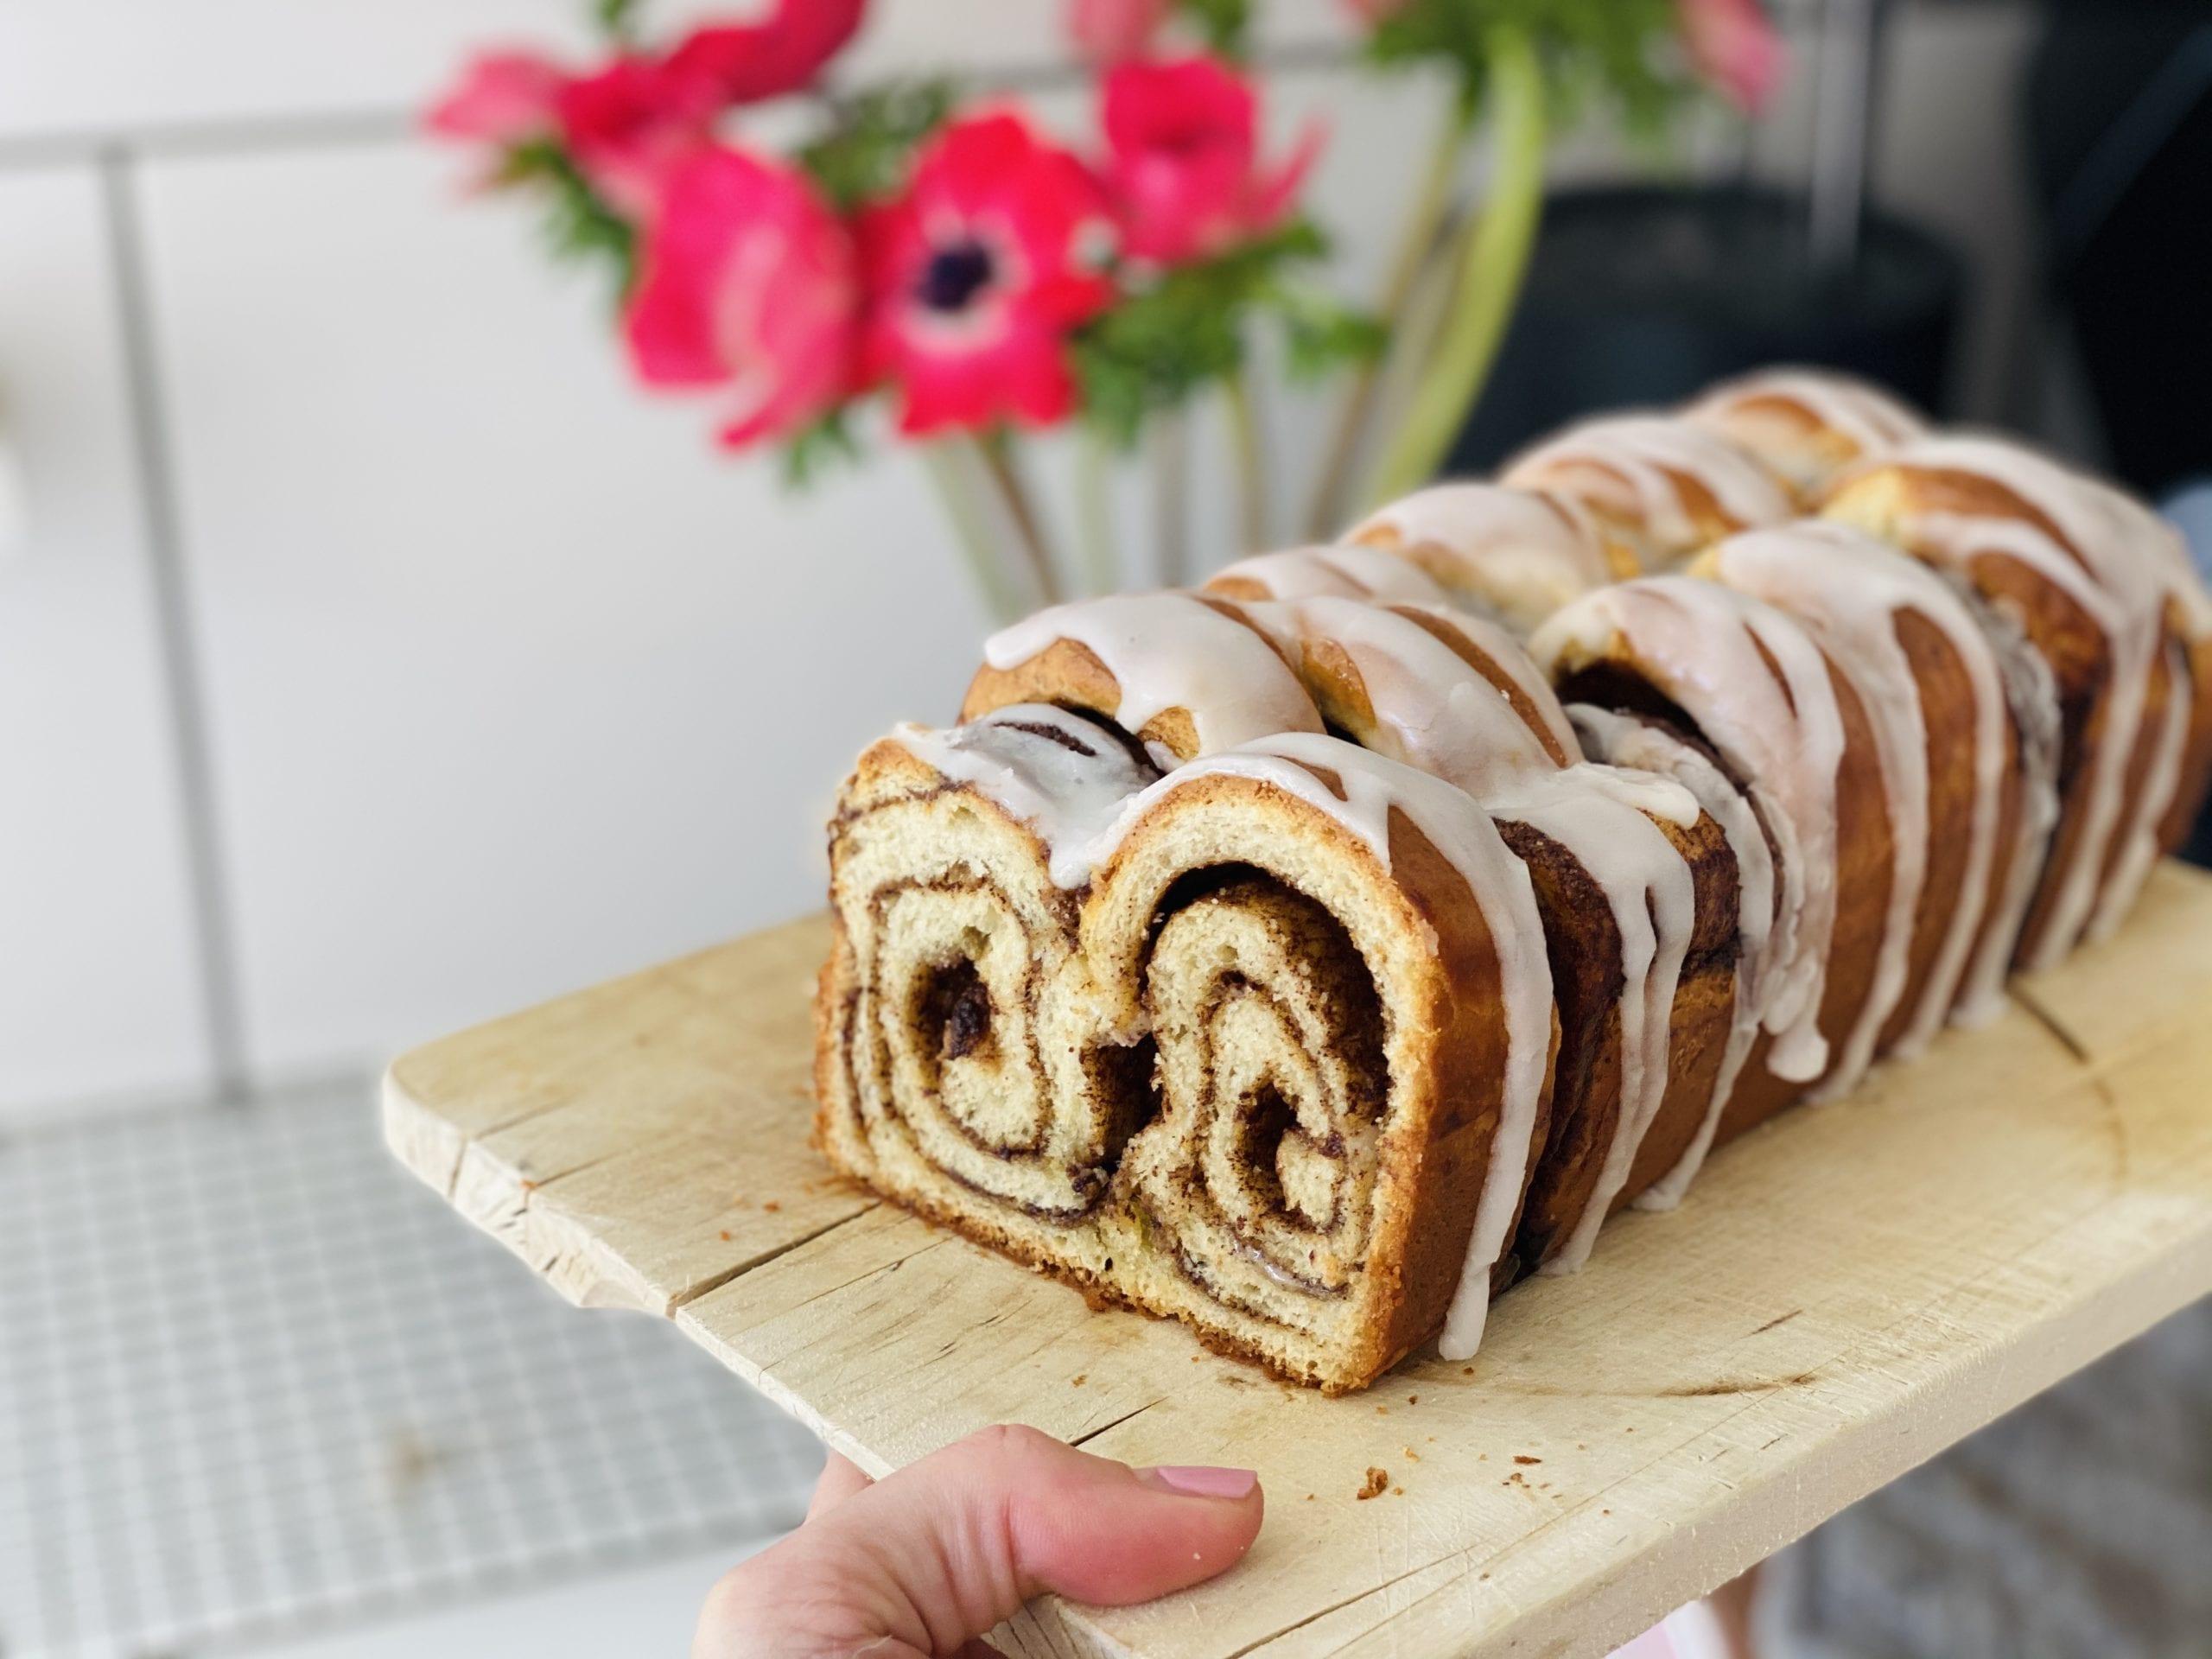 Snasket lækkert kanelbrød med glasur